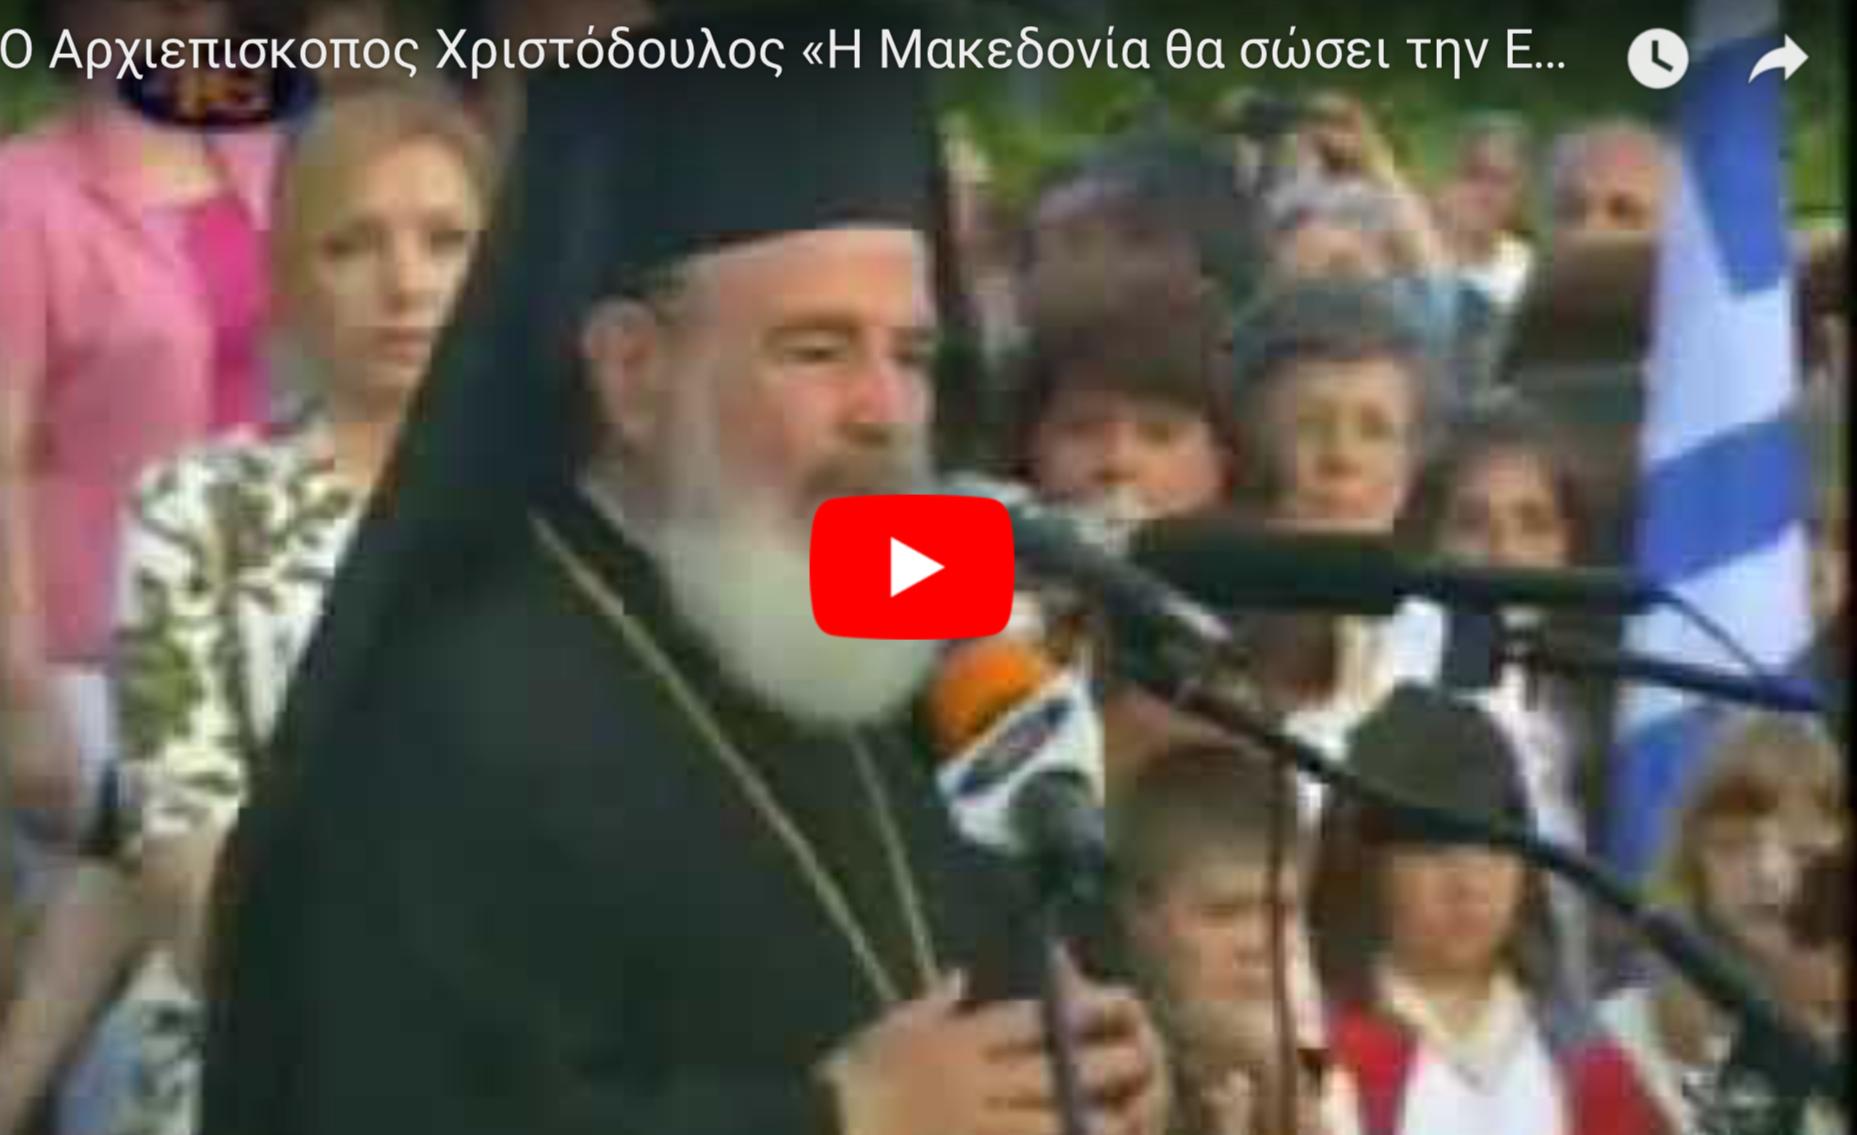 Αρχιεπίσκοπος Αθηνών και πάσης Ελλάδος κ.κ. Χριστόδουλος «η Μακεδονία θα σώσει την Ελλάδα γιατί κάποια Ελλάδα αποφάσισε να αυτοκτονήσει και η Μακεδονία είναι αυτή που κρατάει ψηλά τα λάβαρα.  Με τέτοιες ιστορίες, αναμνήσεις, με την ιστορική μνήμη καθάρια. Χωρίς σκοπιμότητες, χωρίς υπολογισμούς, χωρίς έξωθεν εντολές, χωρίς υπαγορεύσεις. Γι' αυτό καλό θα ήταν όλοι οι Έλληνες να έρχονται από καιρού εις καιρό στην Μακεδονία. Και να προσέχουνε πού πατάνε. Γιατί σε κάθε βήμα μπορεί να πατήσεις χώμα ιερό. Μπορεί να πατήσεις έναν τάφο. Μπορεί να πατήσεις ένα λείψανο. Είναι διάσπαρτος ο τόπος από θυσία. Αυτή η θυσία μας δίνει ζωή. Αυτή η θυσία μας συντηρεί. Και είναι το αντίδοτο της παγκοσμιοποίησης, που θέλει όλα να τα ισοπεδώσει. Να μη μιλάμε για αγώνες. Να μη μιλάμε για πολέμους. Να μη μιλάμε για θυσίες…».